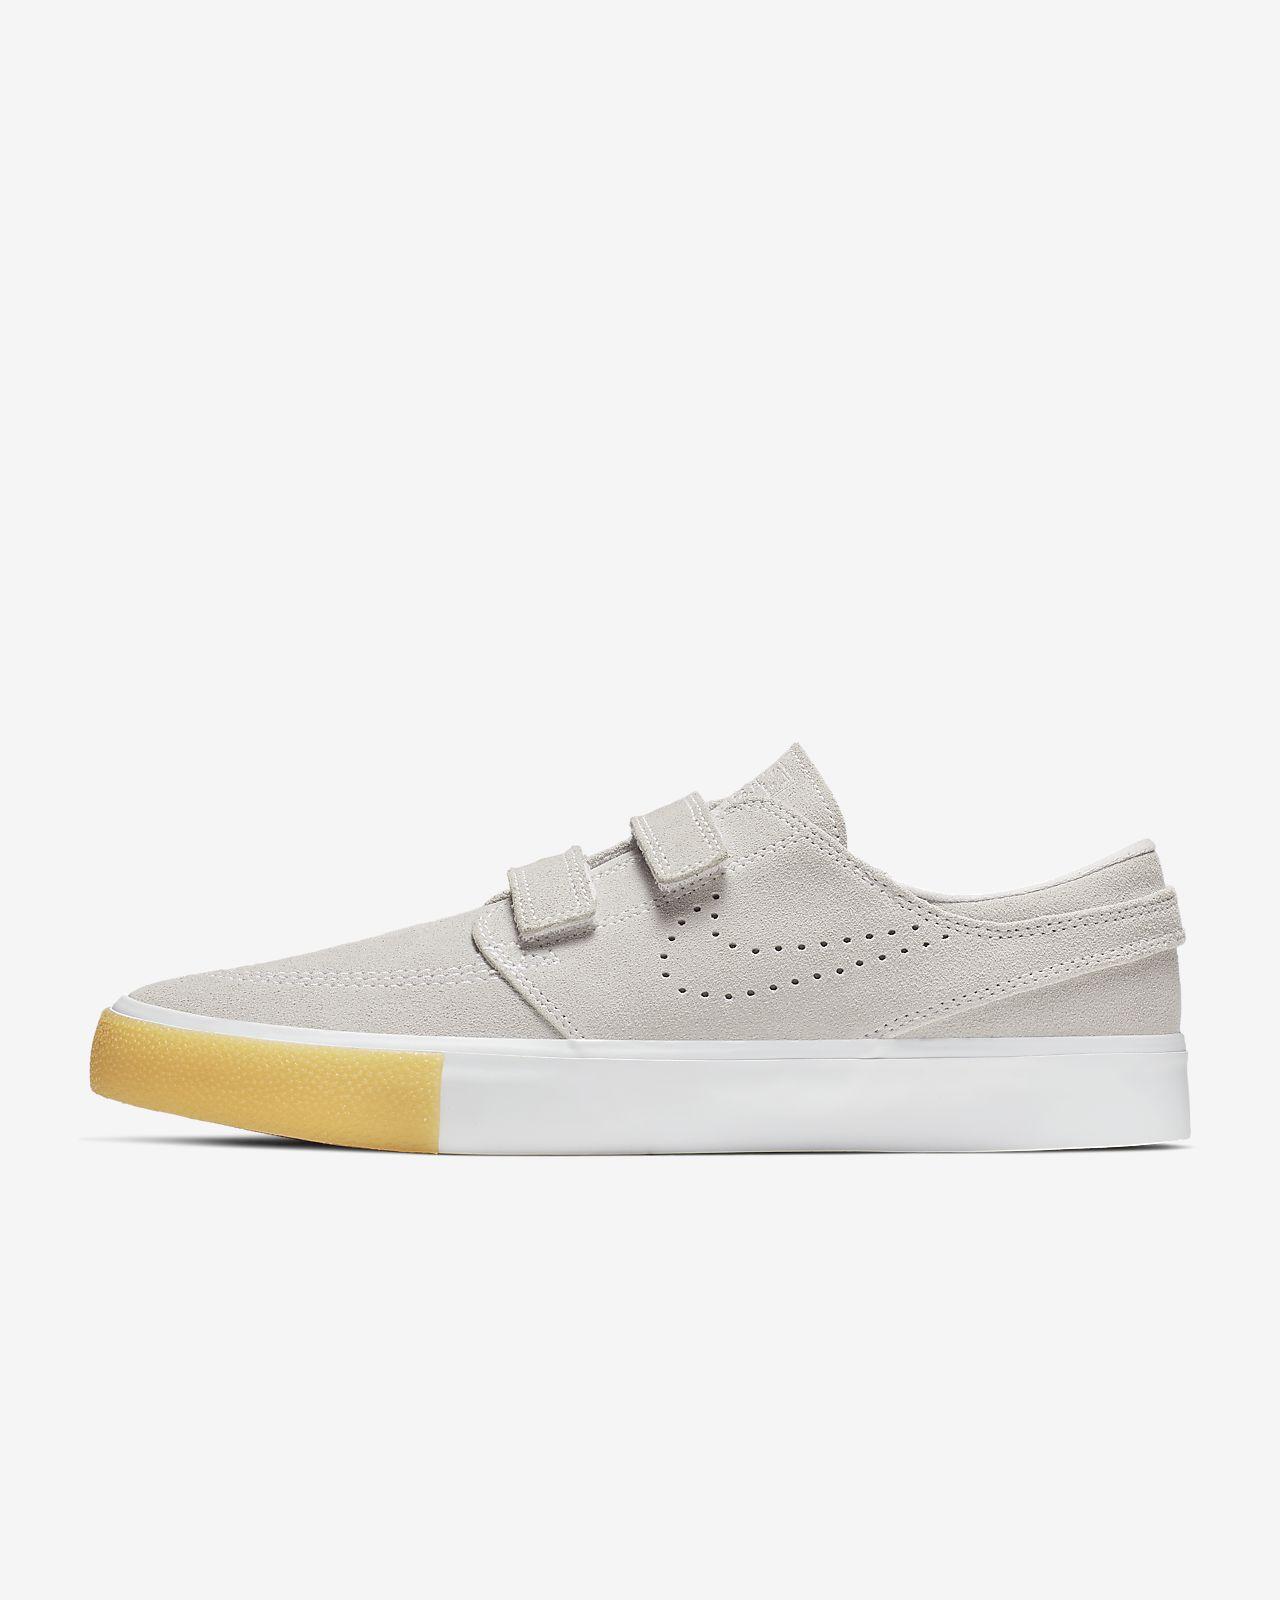 Nike SB Zoom Stefan Janoski AC RM SE Kaykay Ayakkabısı